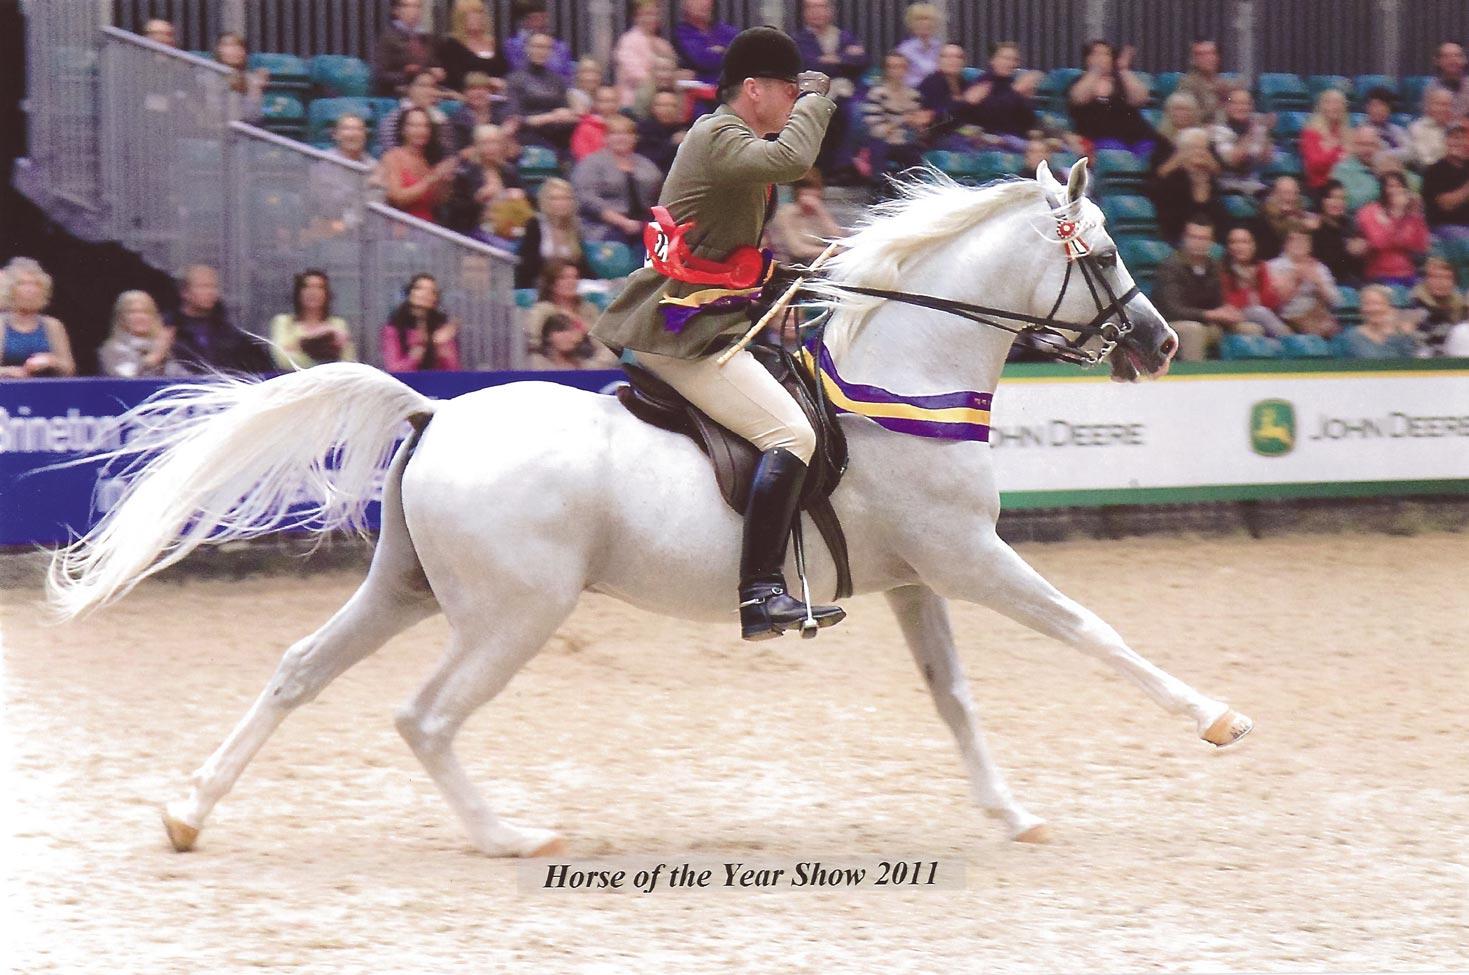 Princey-winning-at-HOYS-2011